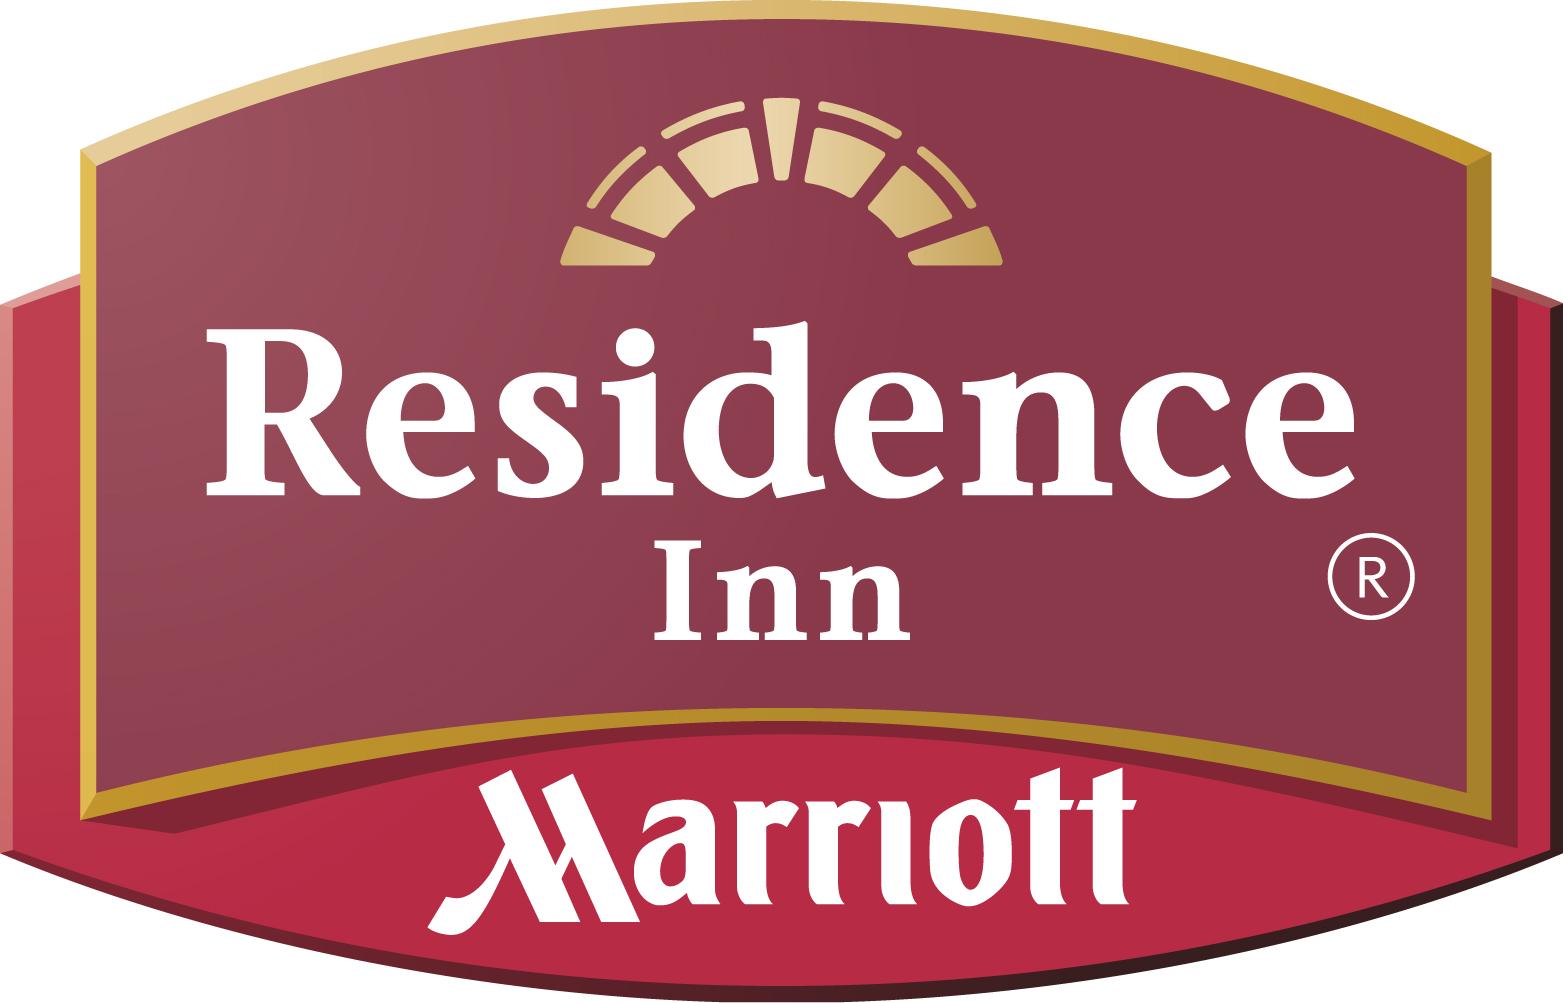 Residence Inn by Marriott - Boise Downtown